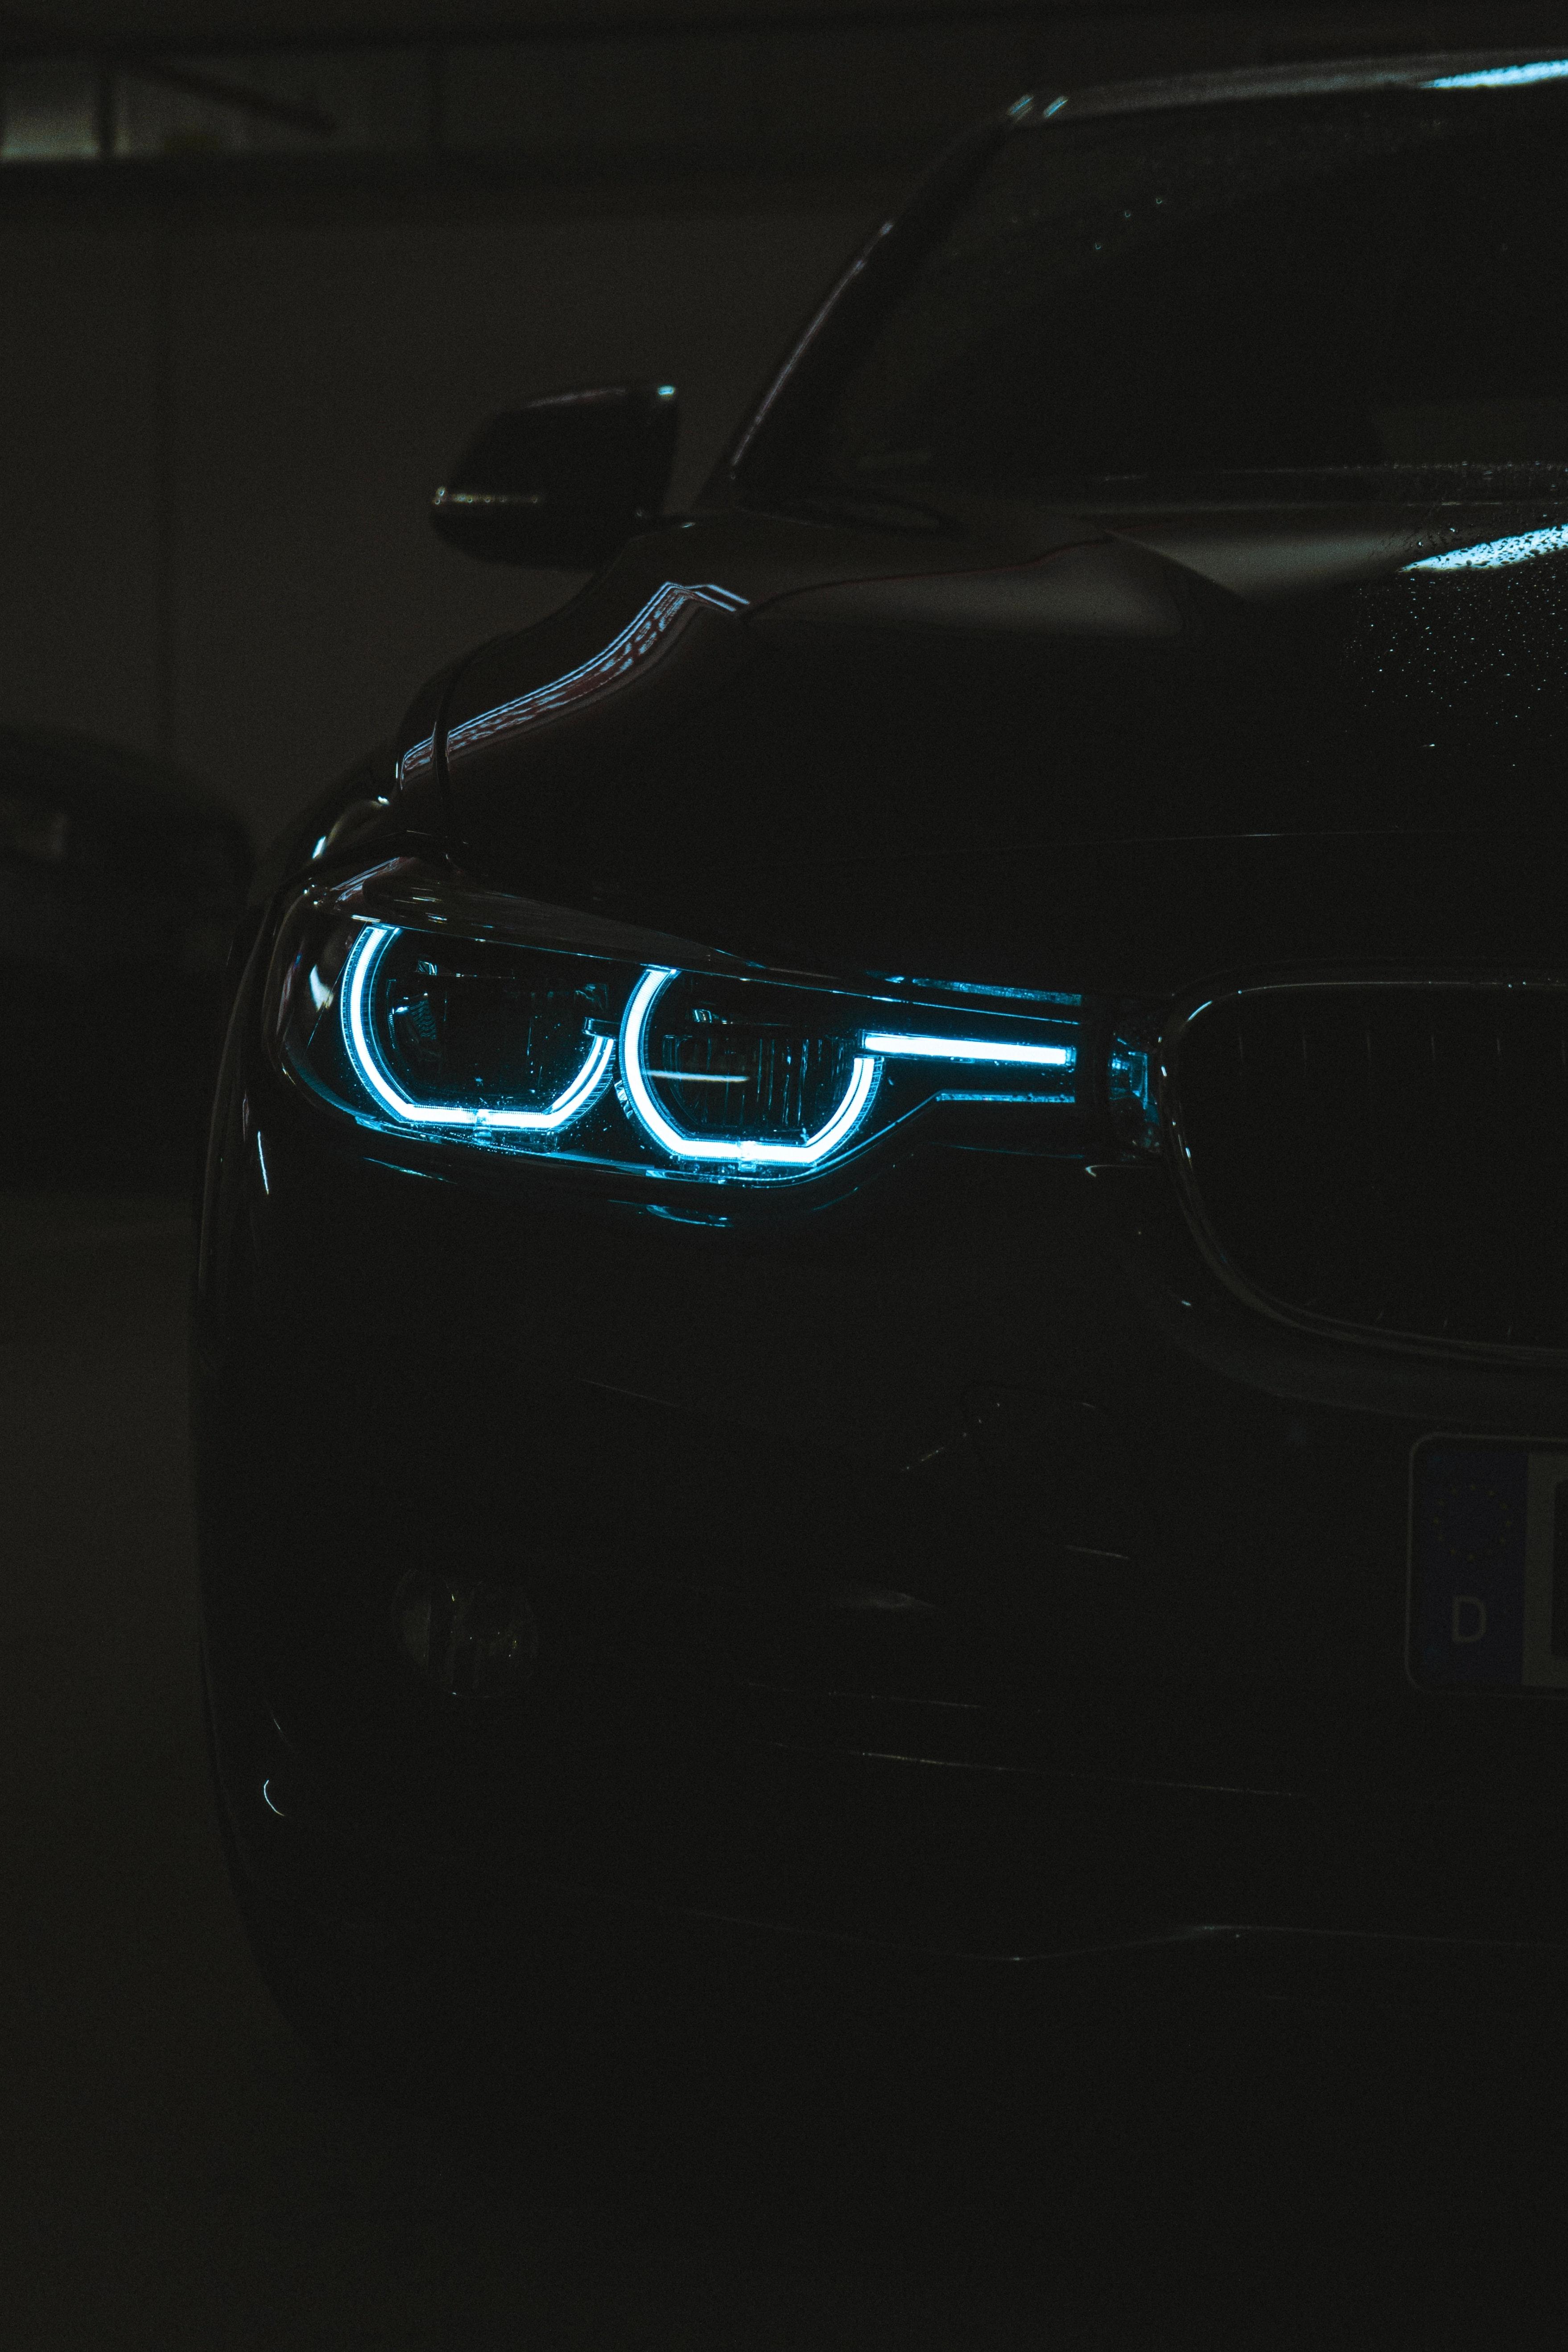 84471 Hintergrundbild herunterladen Auto, Cars, Dunkel, Scheinen, Licht, Wagen, Das Schwarze, Scheinwerfer - Bildschirmschoner und Bilder kostenlos